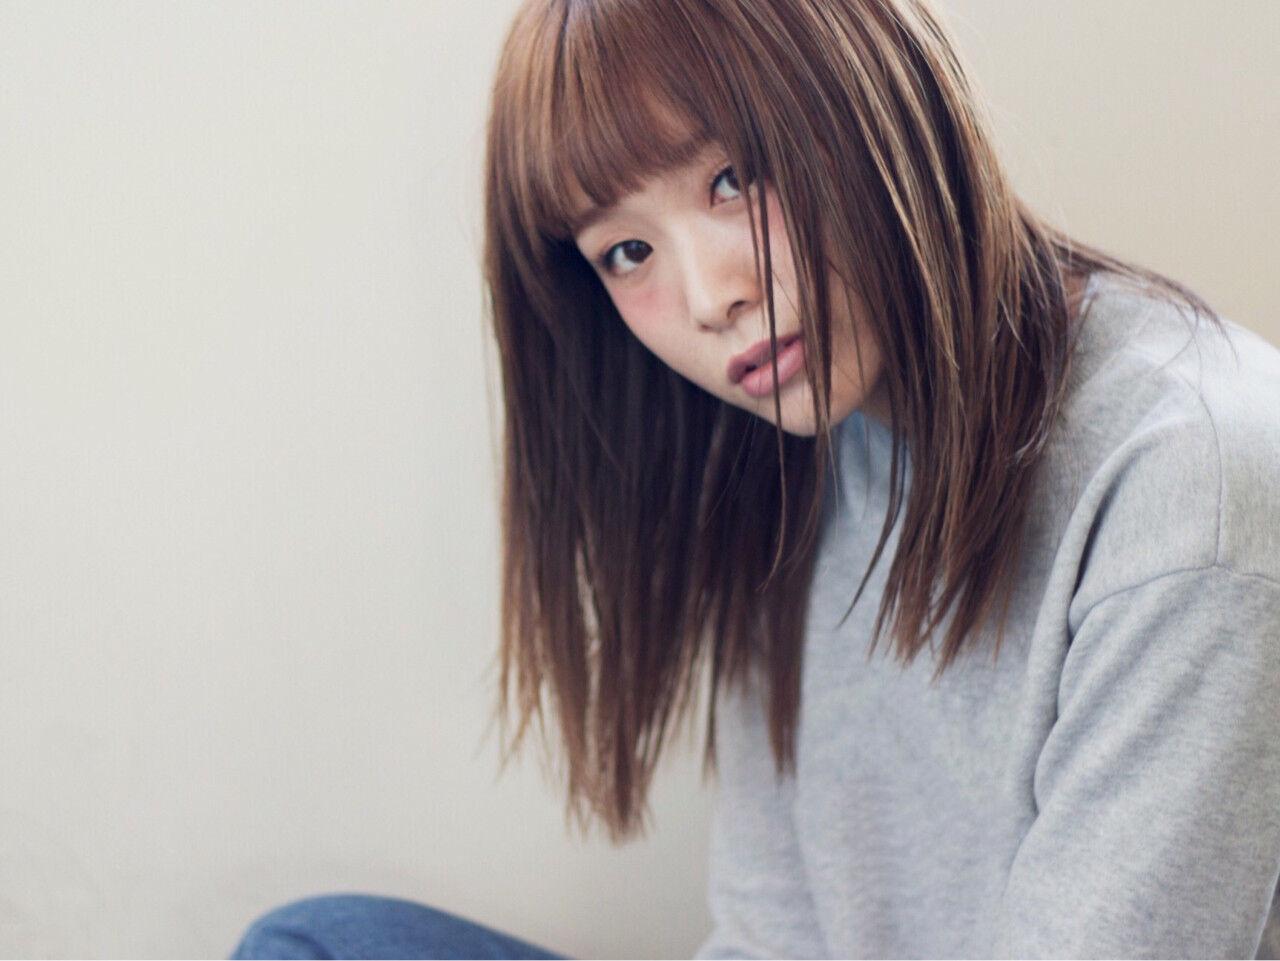 ハイライト 前髪あり 外国人風 ストレートヘアスタイルや髪型の写真・画像